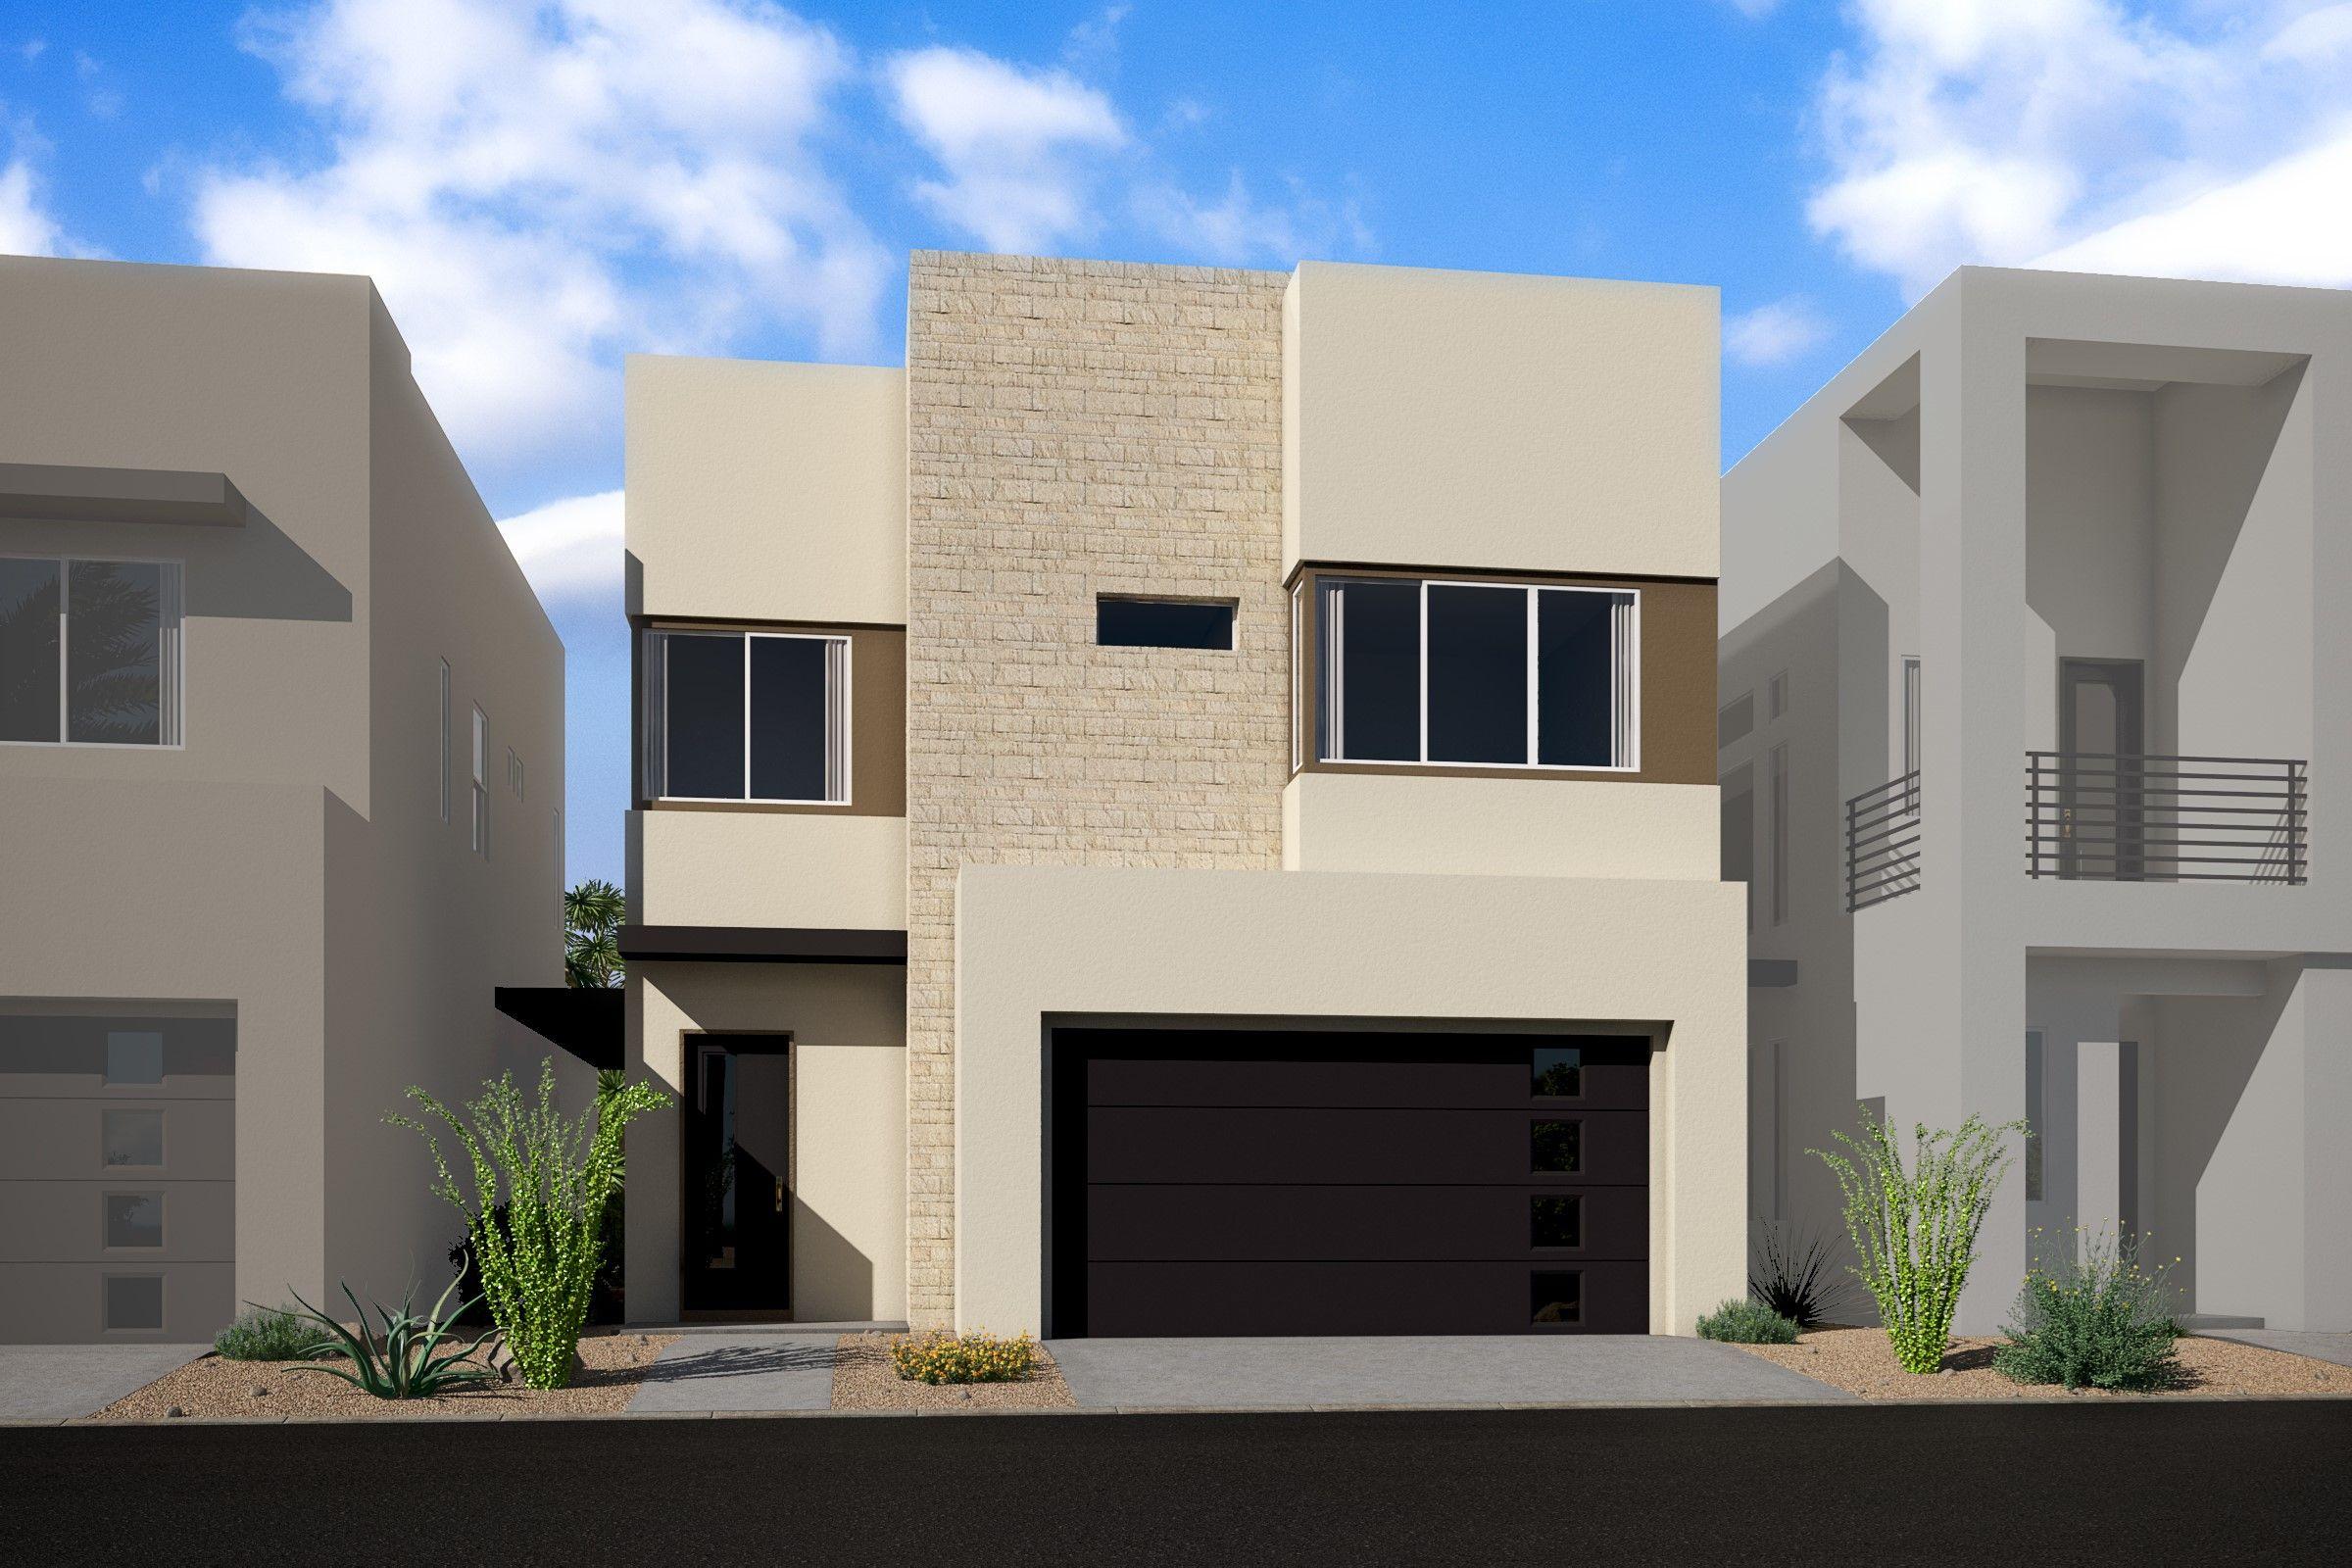 单亲家庭 为 销售 在 Skye - Medley 68th Street And Mcdowell Rd Scottsdale, Arizona 85257 United States